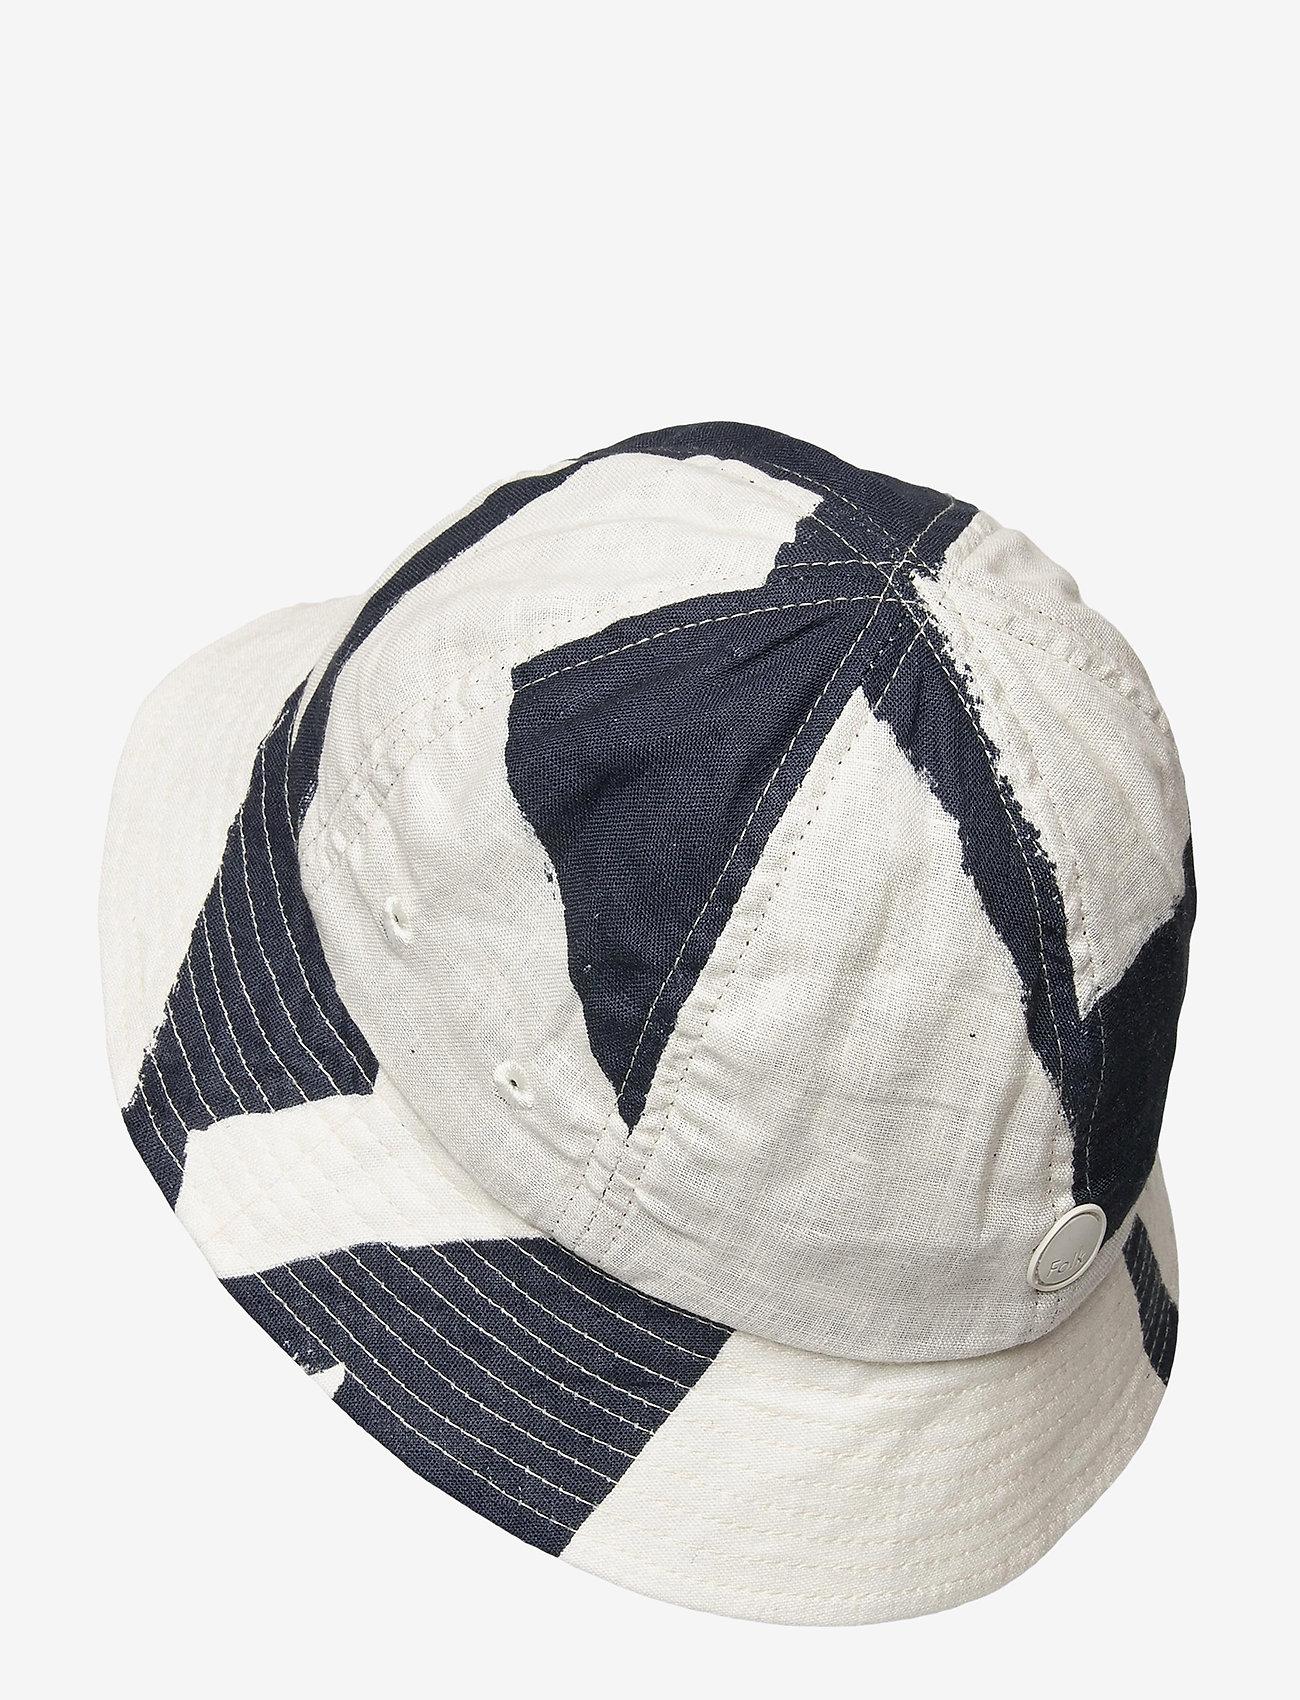 Folk - BUCKET HAT - bonnets & casquettes - border print navy ecru - 1